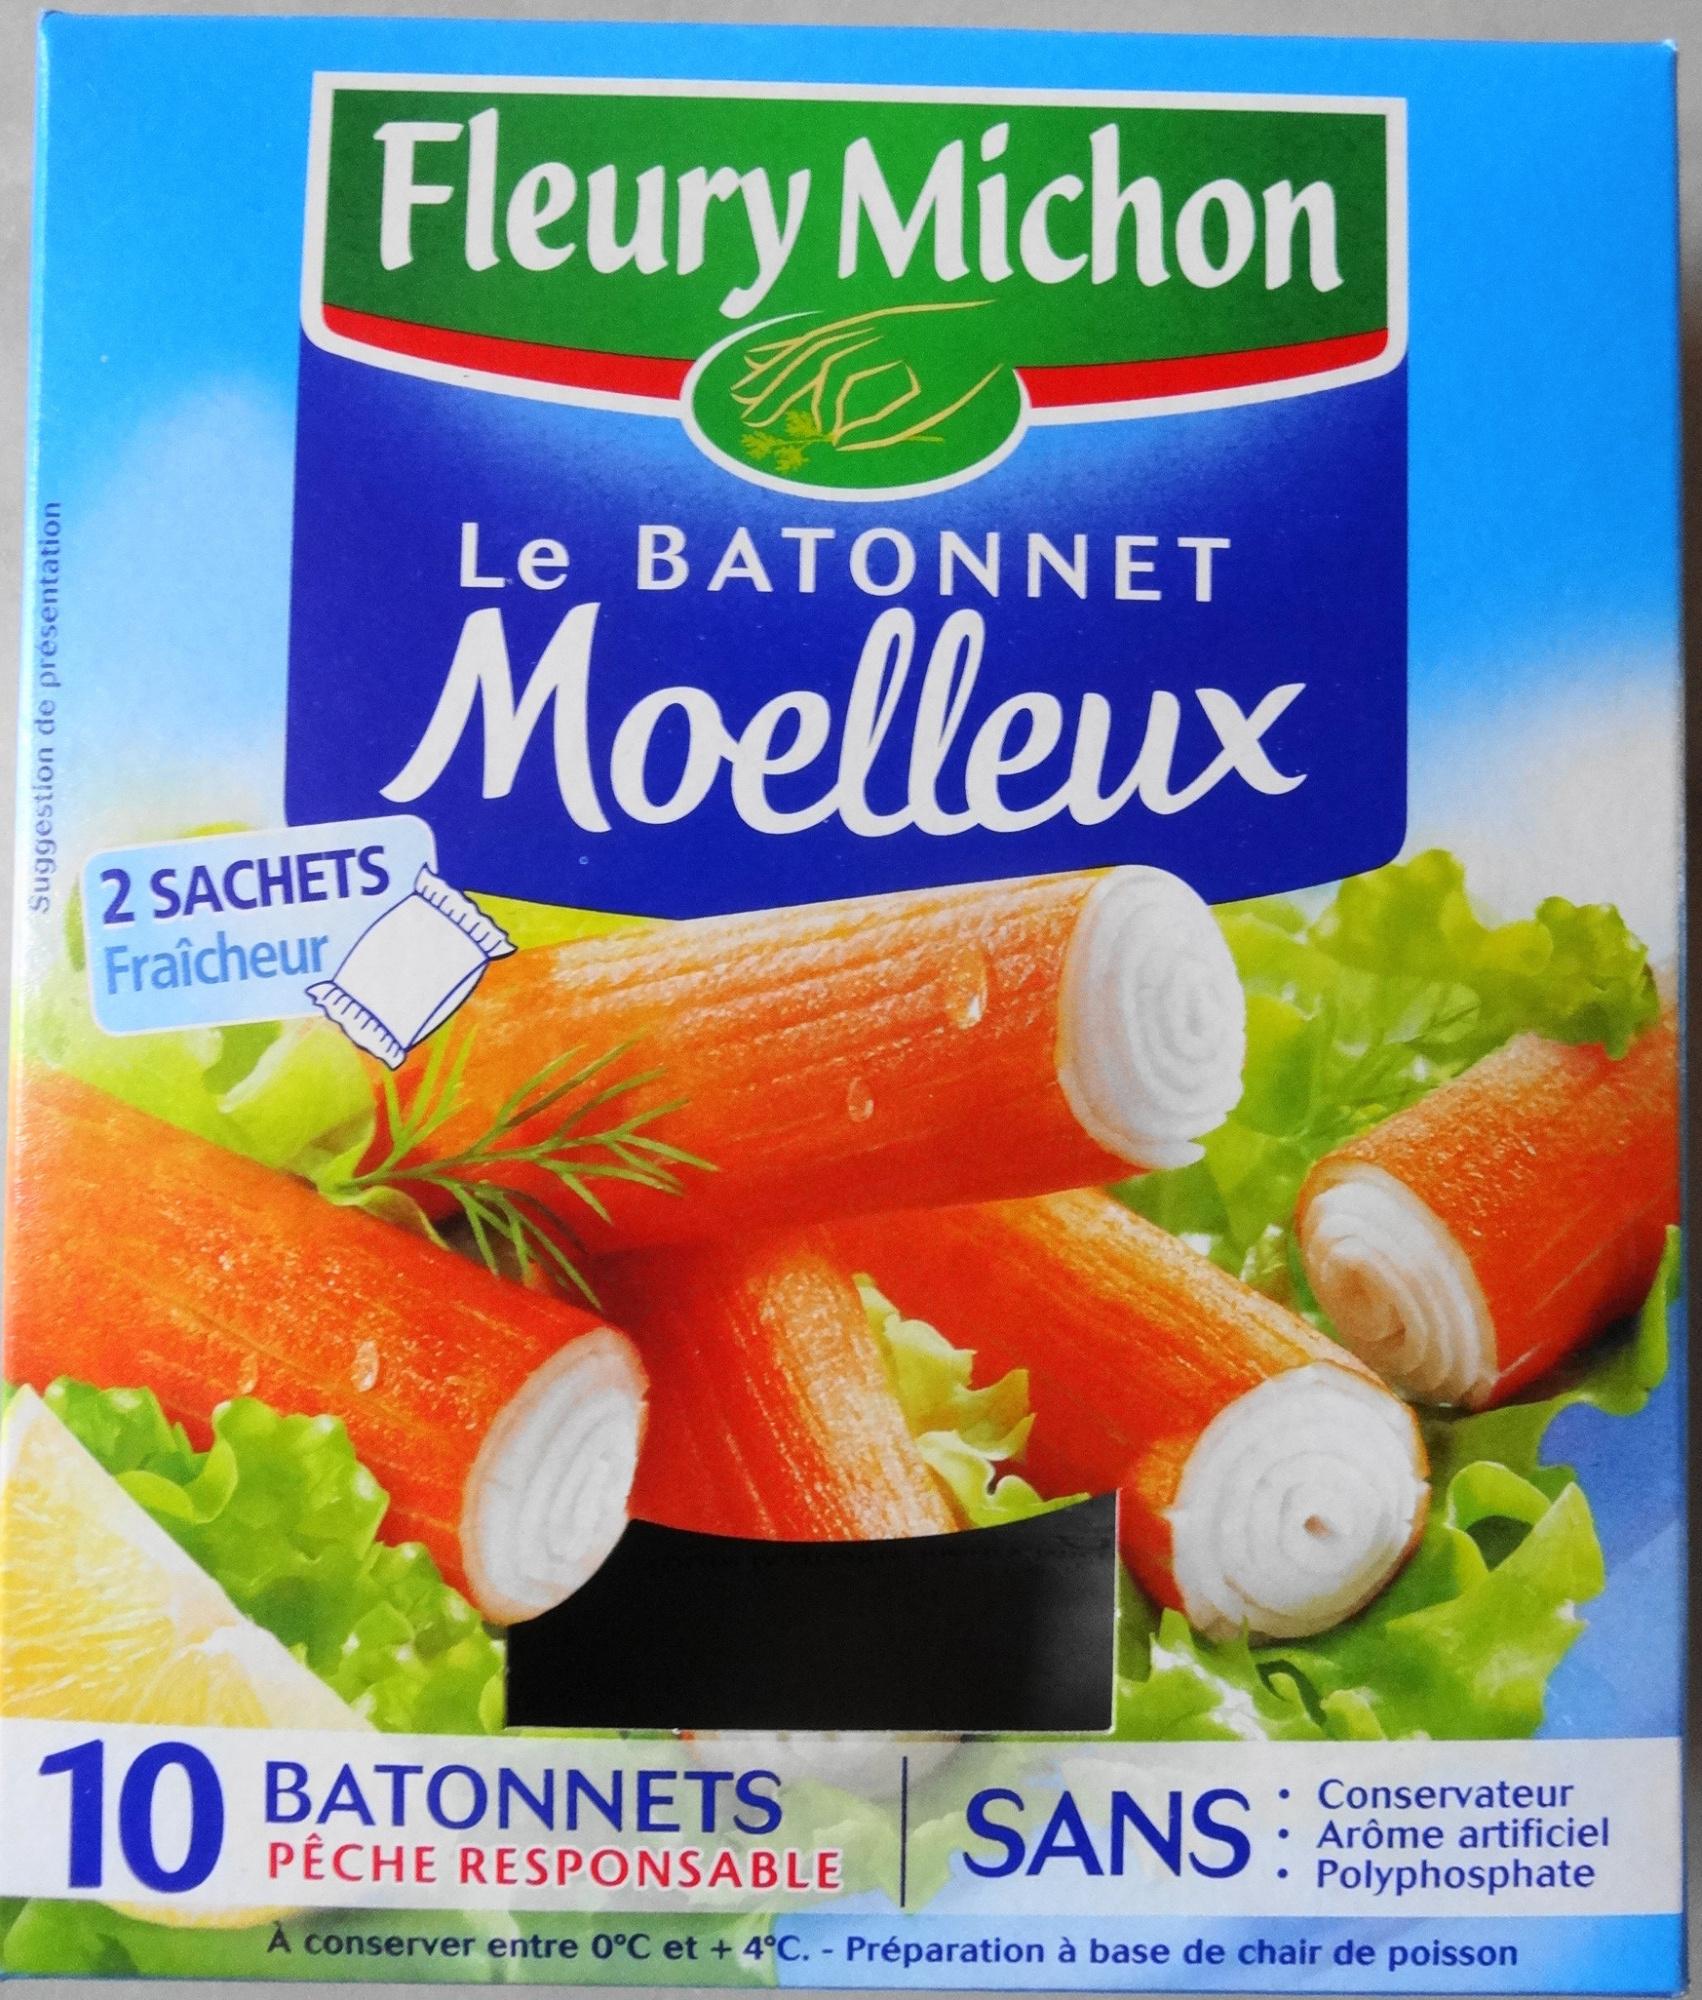 Le bâtonnet Moelleux - 10 bâtonnets - Product - fr